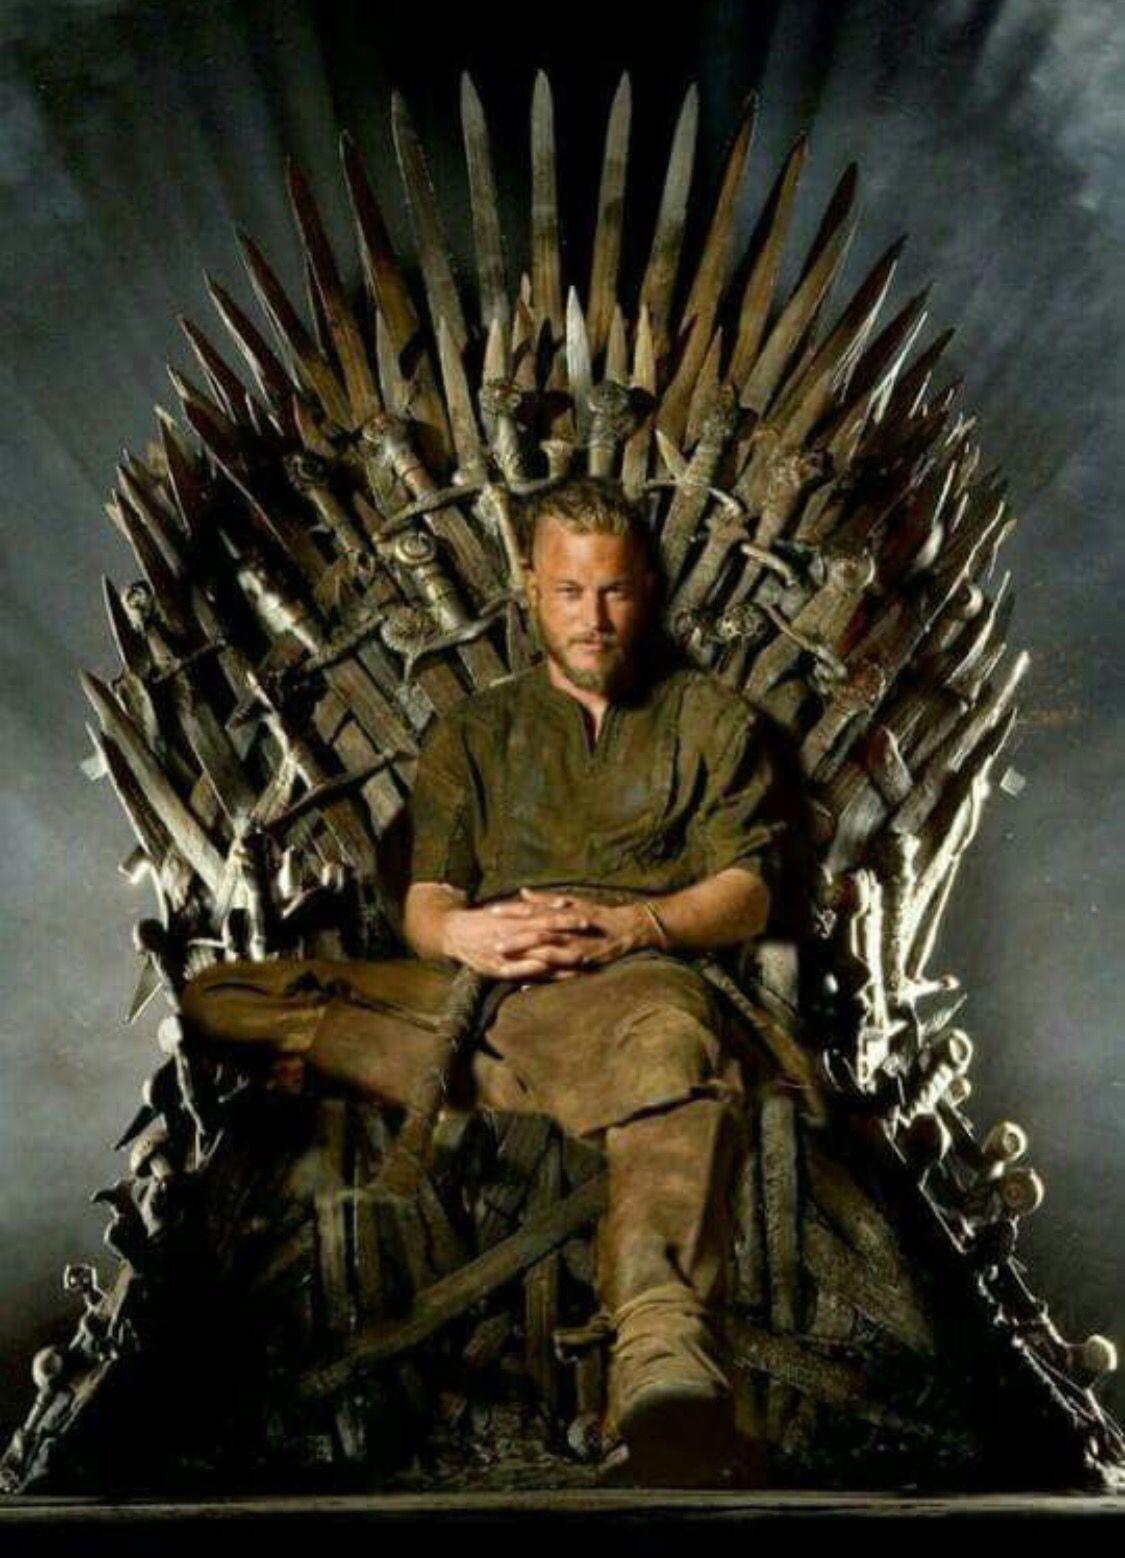 Ragnar when worlds collide... Travis fimmel, Vikings